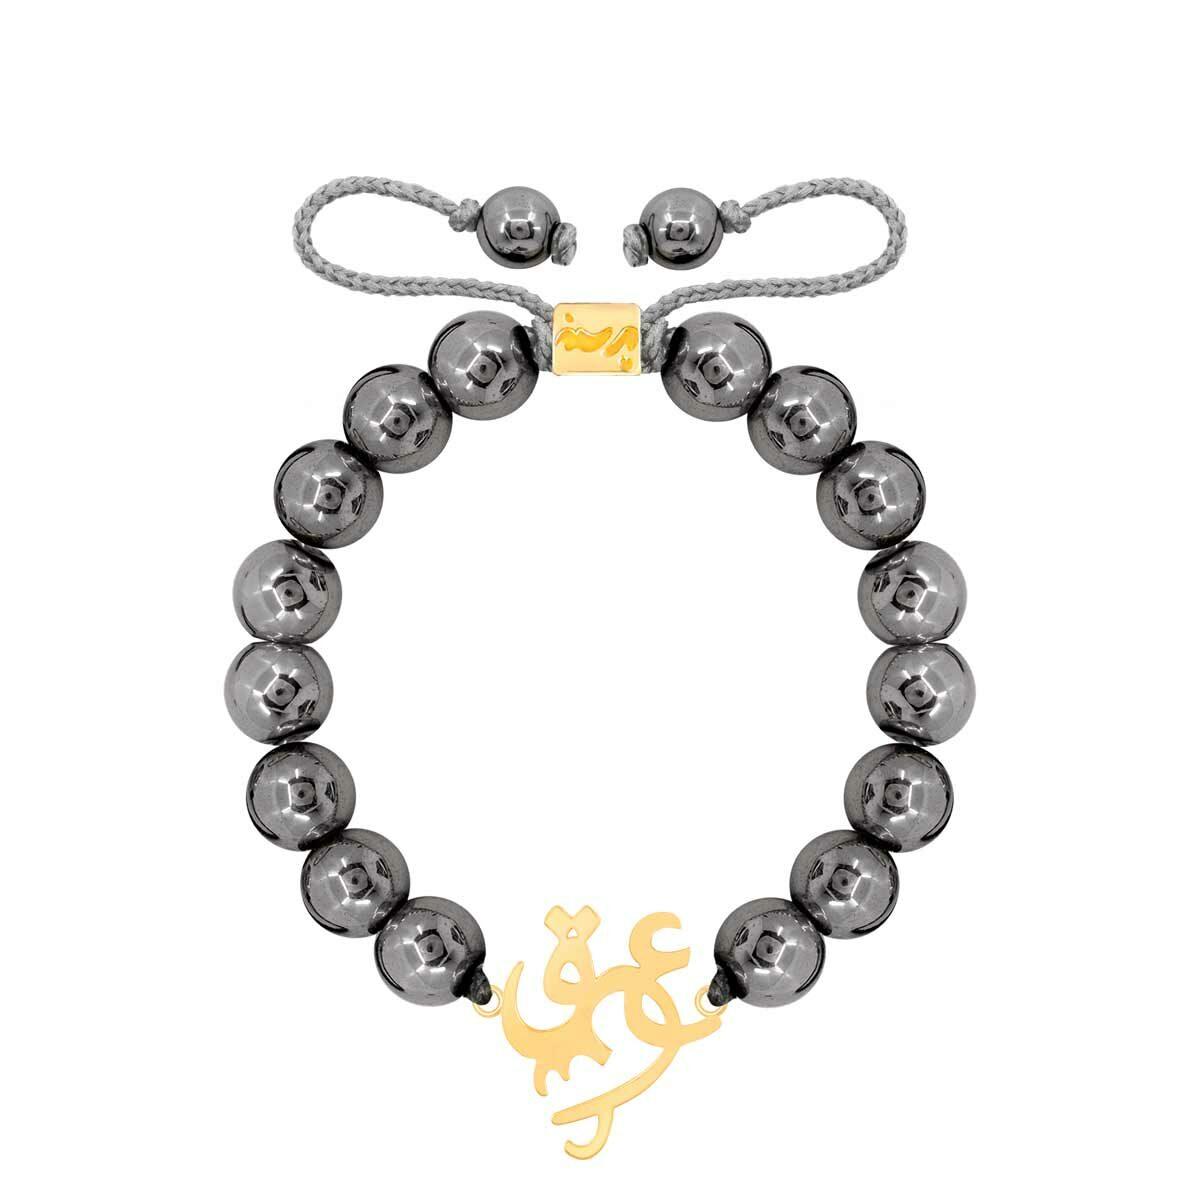 دستبند طلا سنگی عشق و حدید